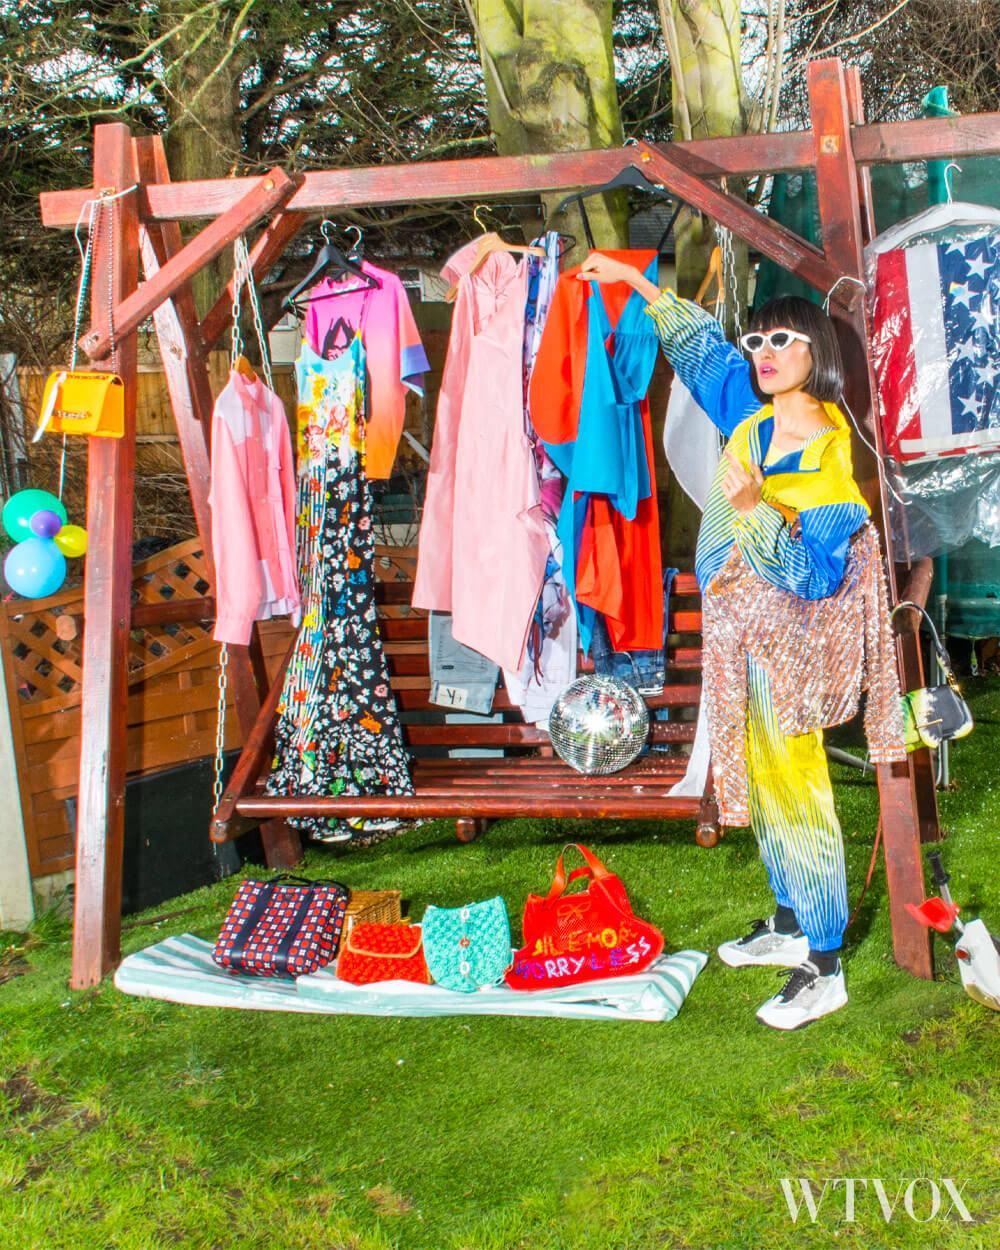 Garage clothes sale